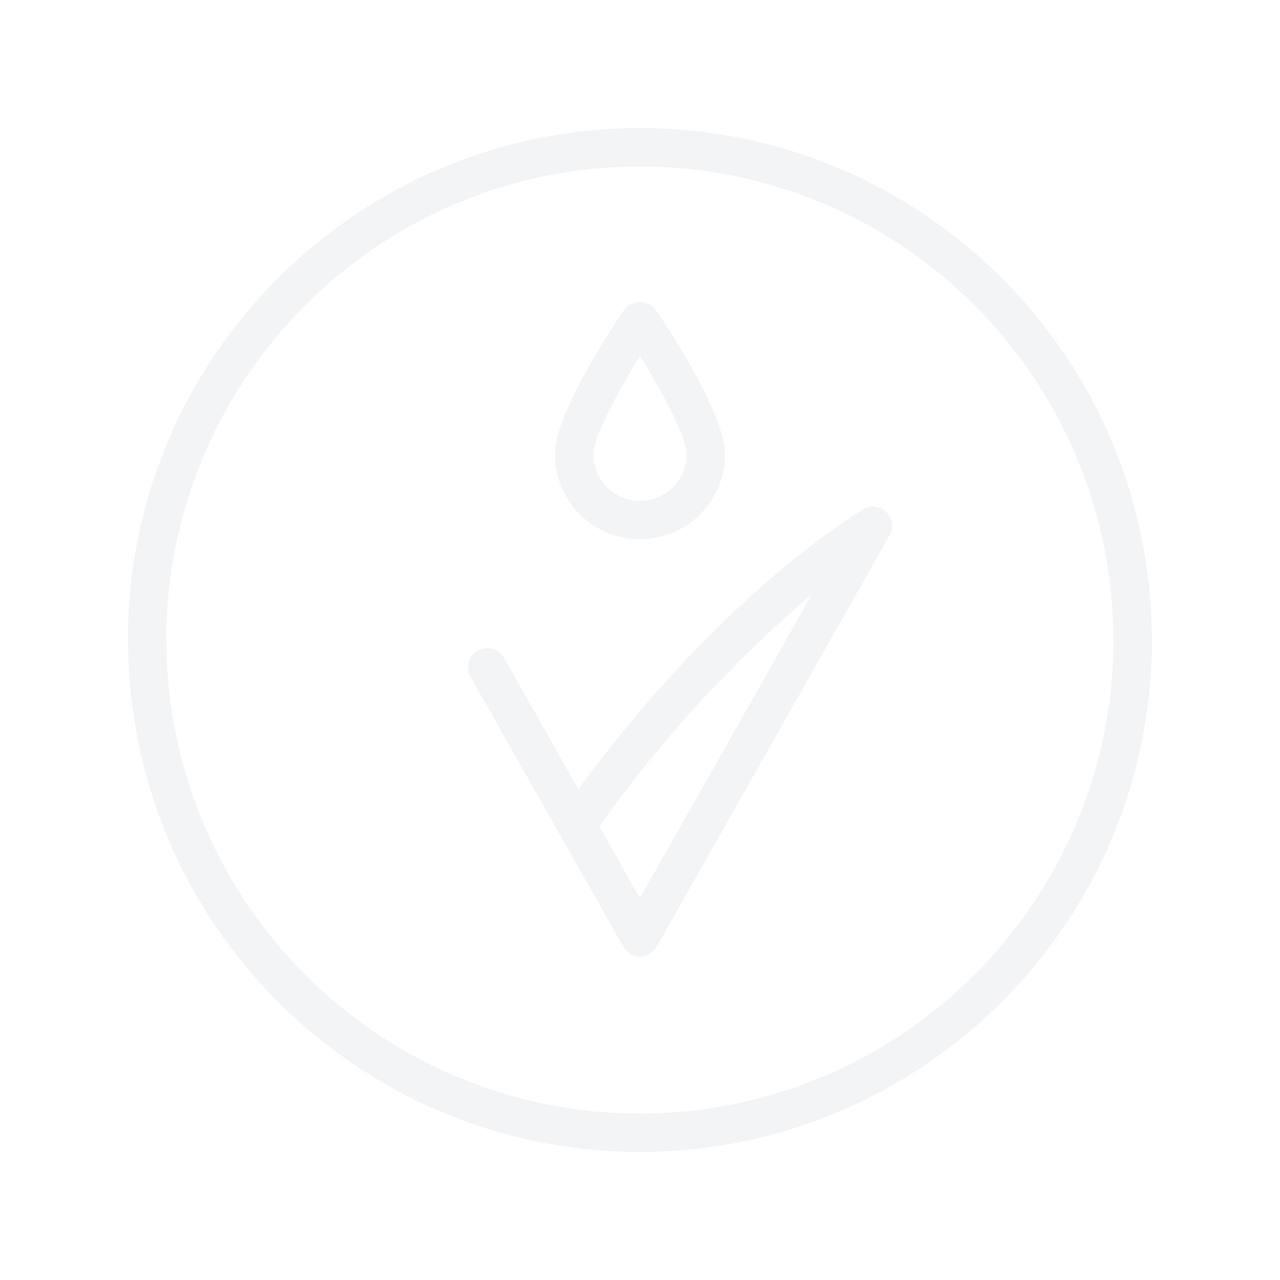 JOIK Gardeners Soap 100g